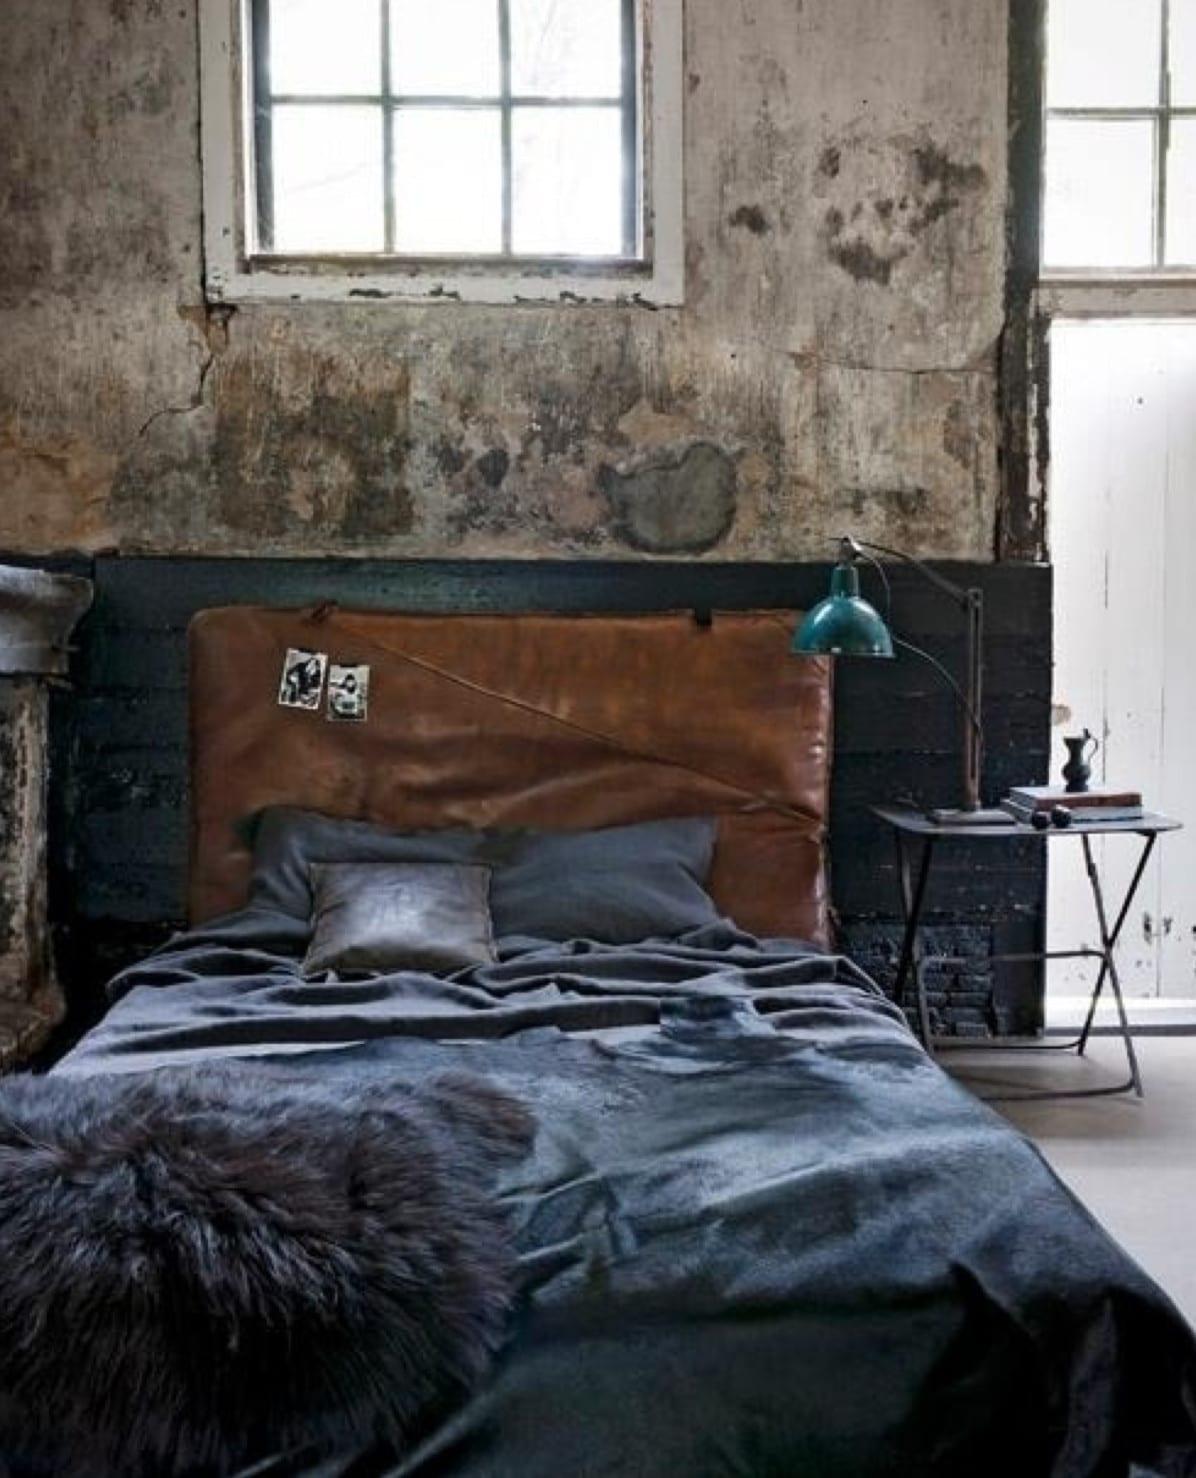 schöner wohnen schlafzimmer ideen für moderne schlafzimmereinrichtung und gestaltung mit schwarzer satinbettwäsche